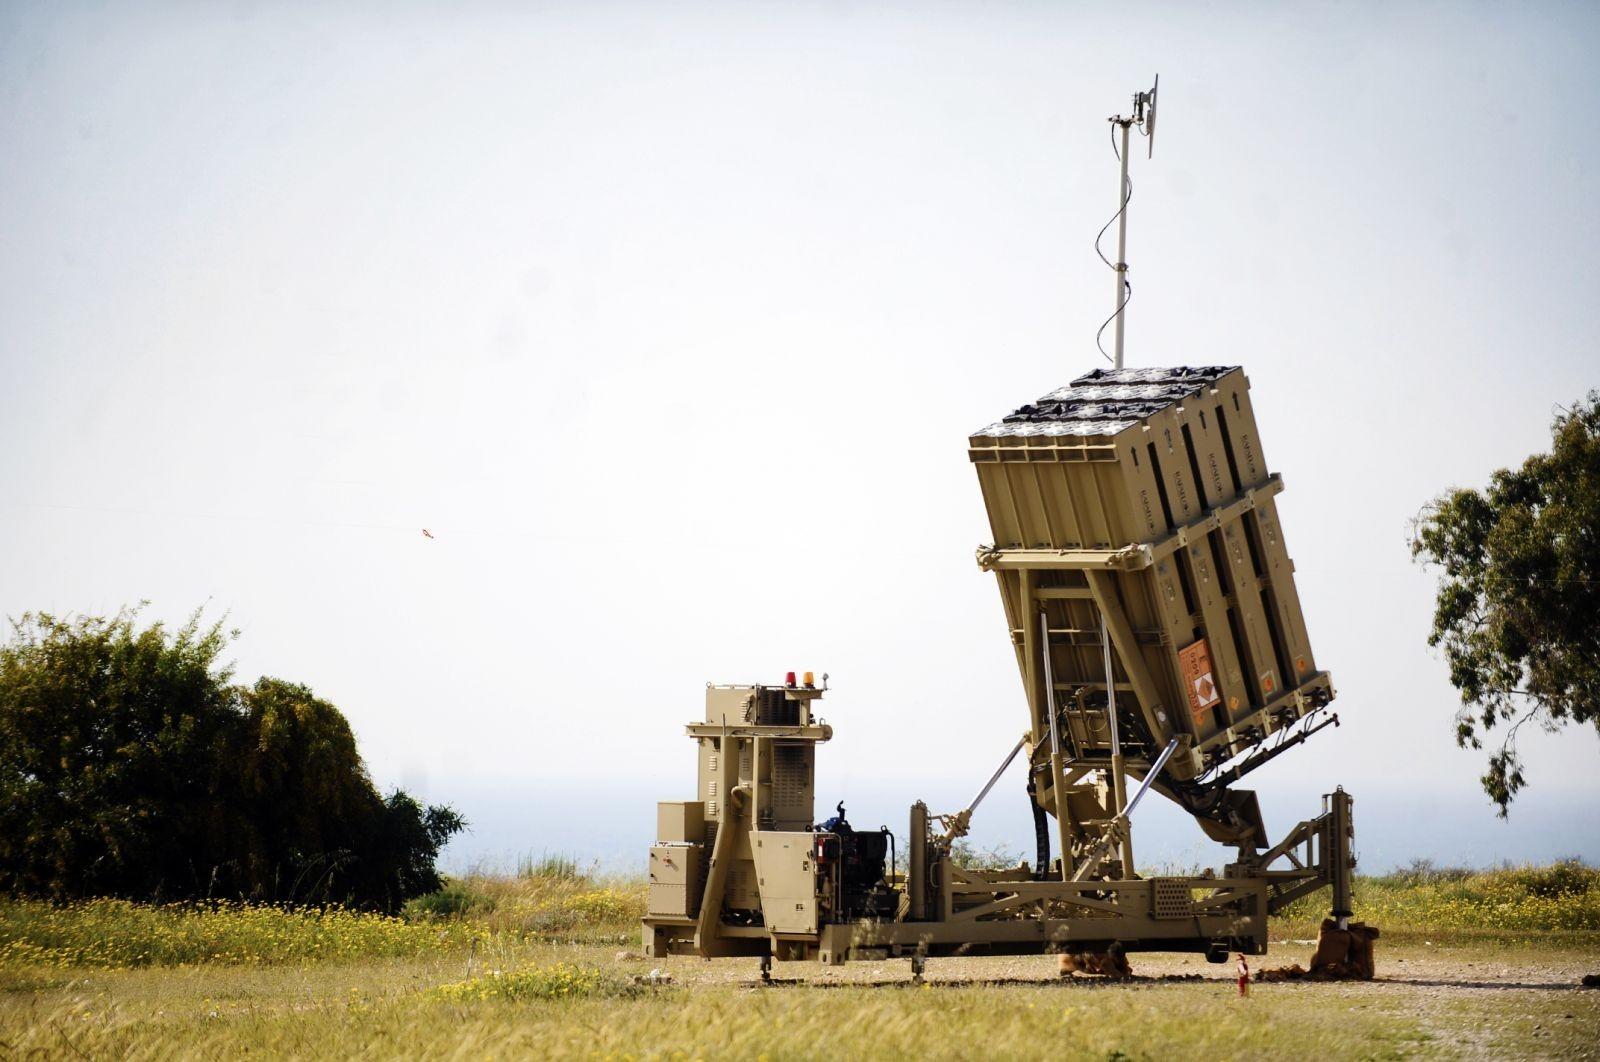 بسبب اليوروفيجن- نشر القبة الحديدية في إسرائيل